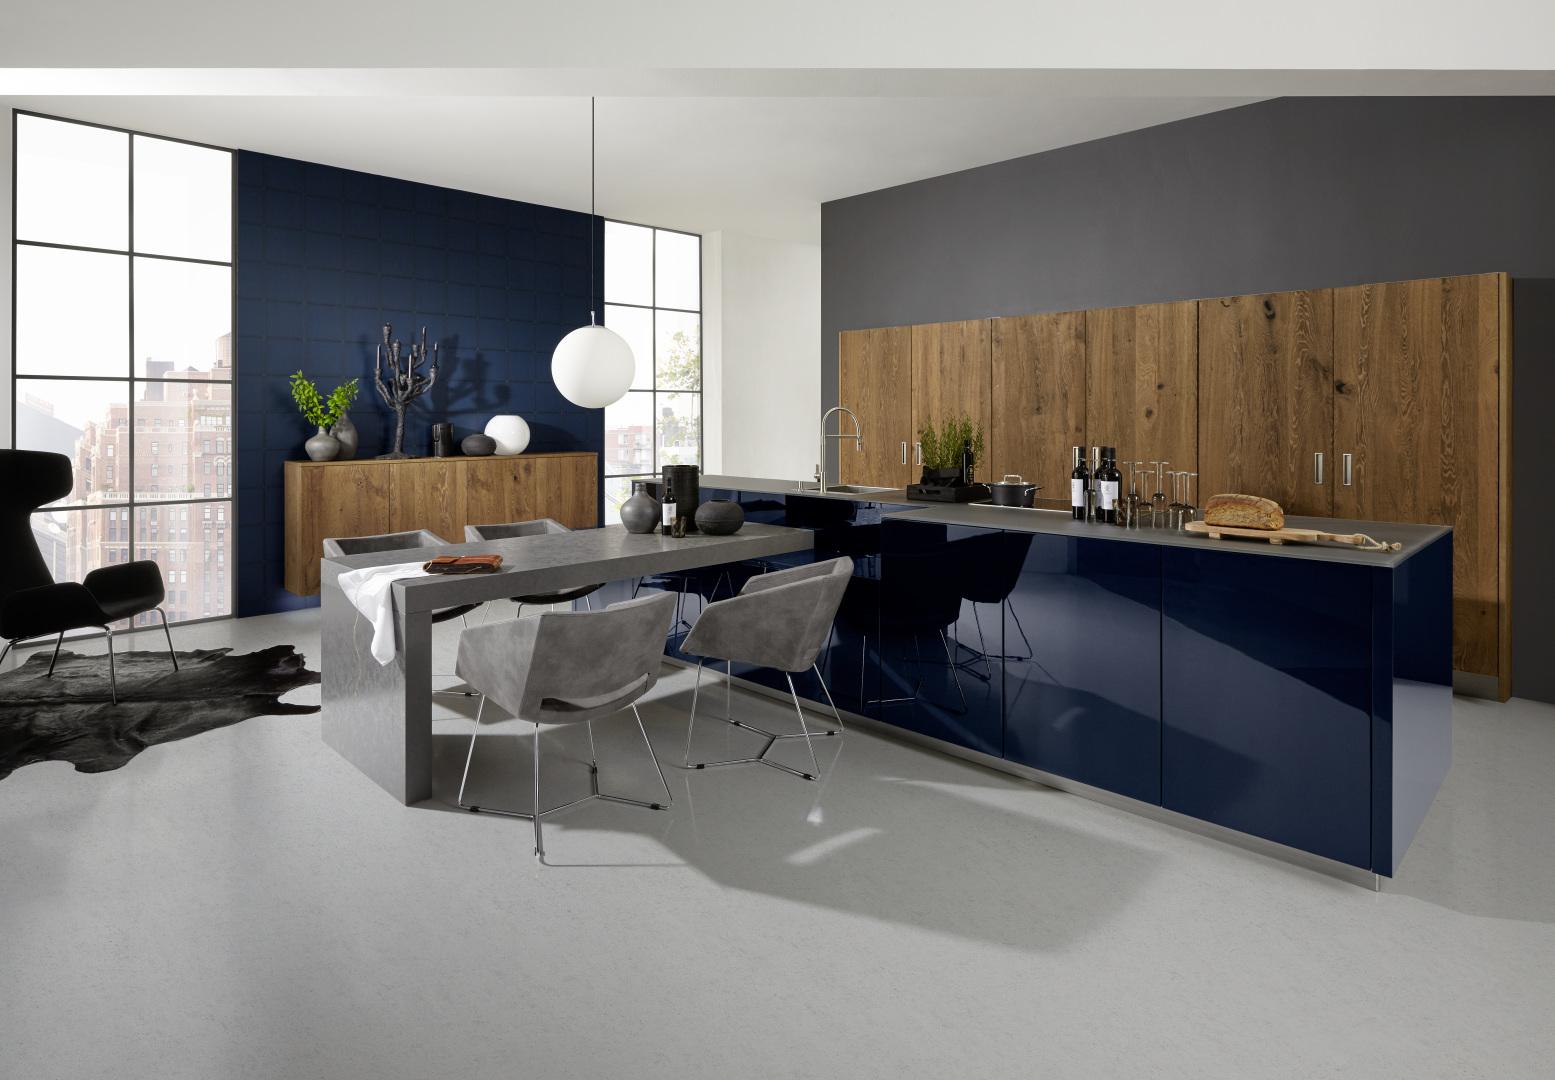 cuisine ergonomique moderne et design contemporain îlot central bois et laque